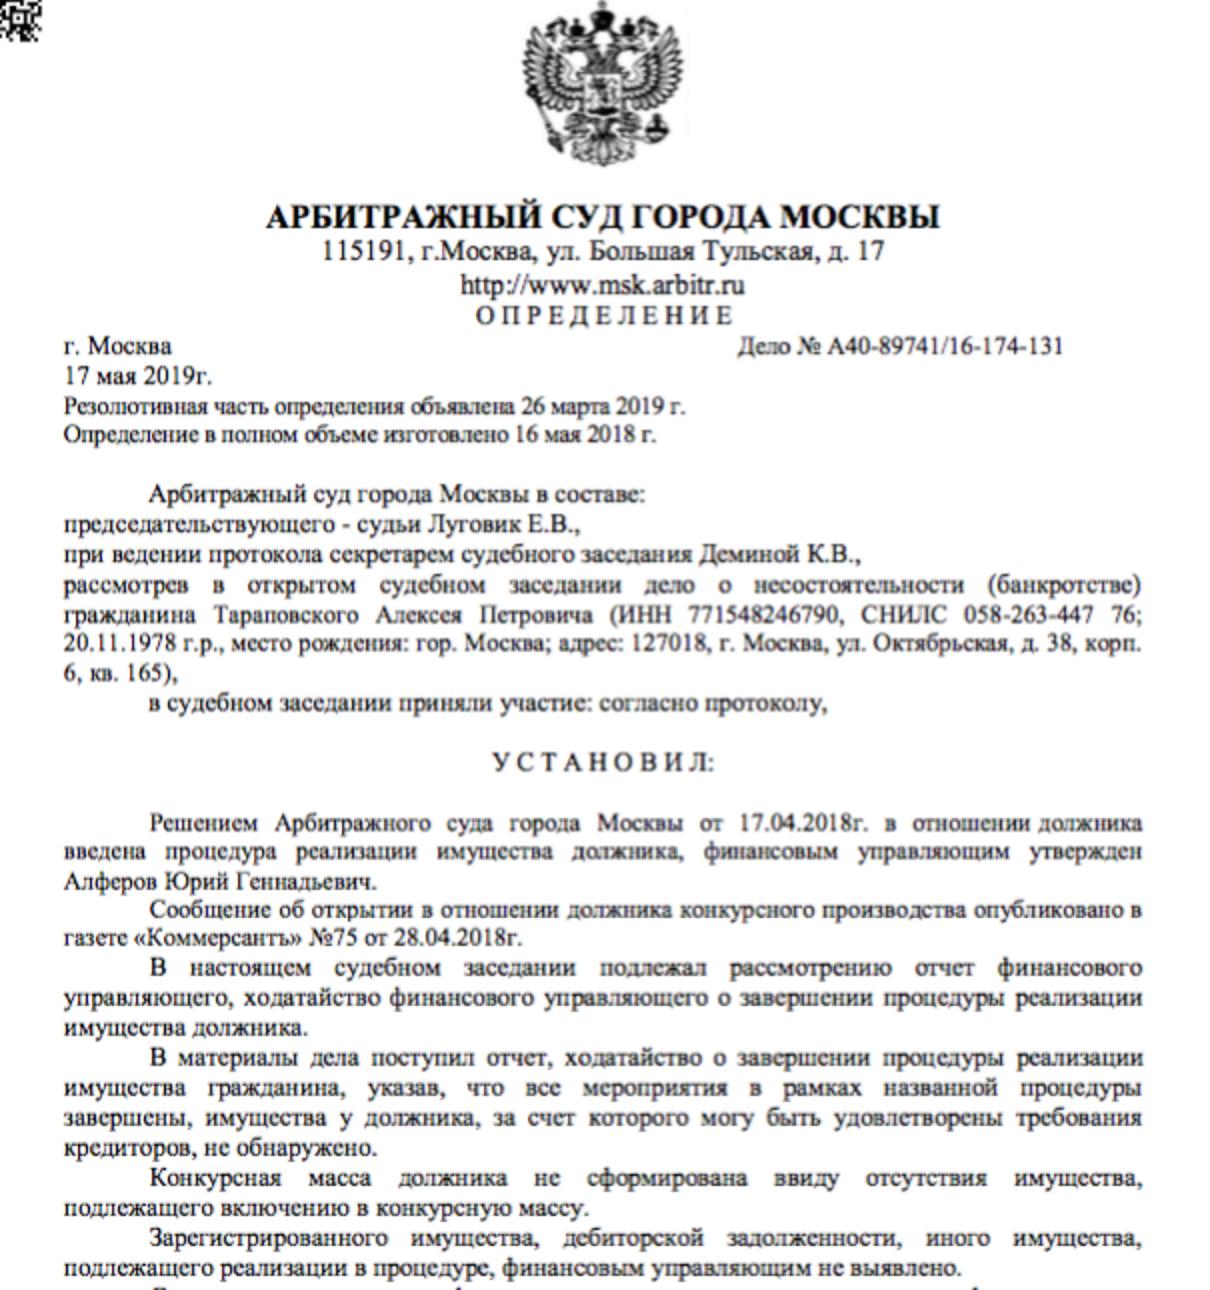 Жалоба-отзыв: Anderida Financial Group - Введение в заблуждение клиентов от Тараповского Алексея